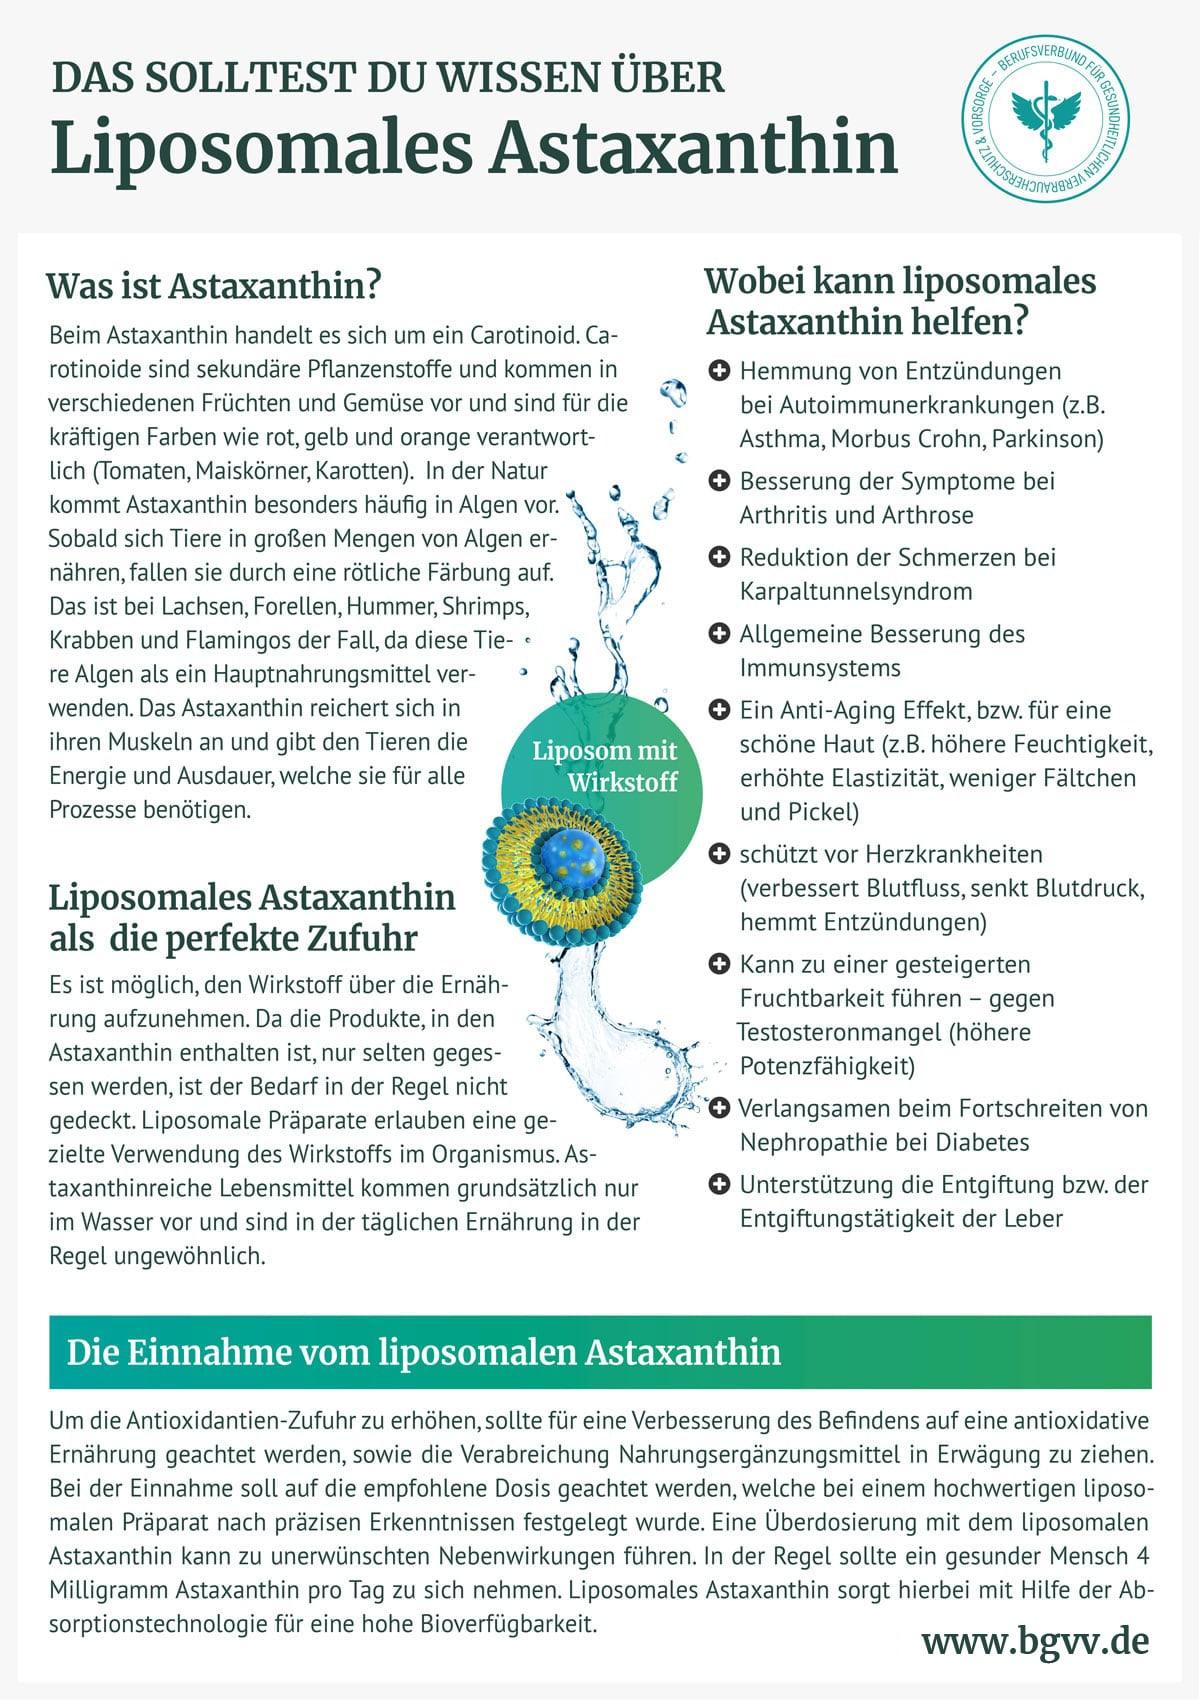 BGVV infografik Liposomales Astaxanthin